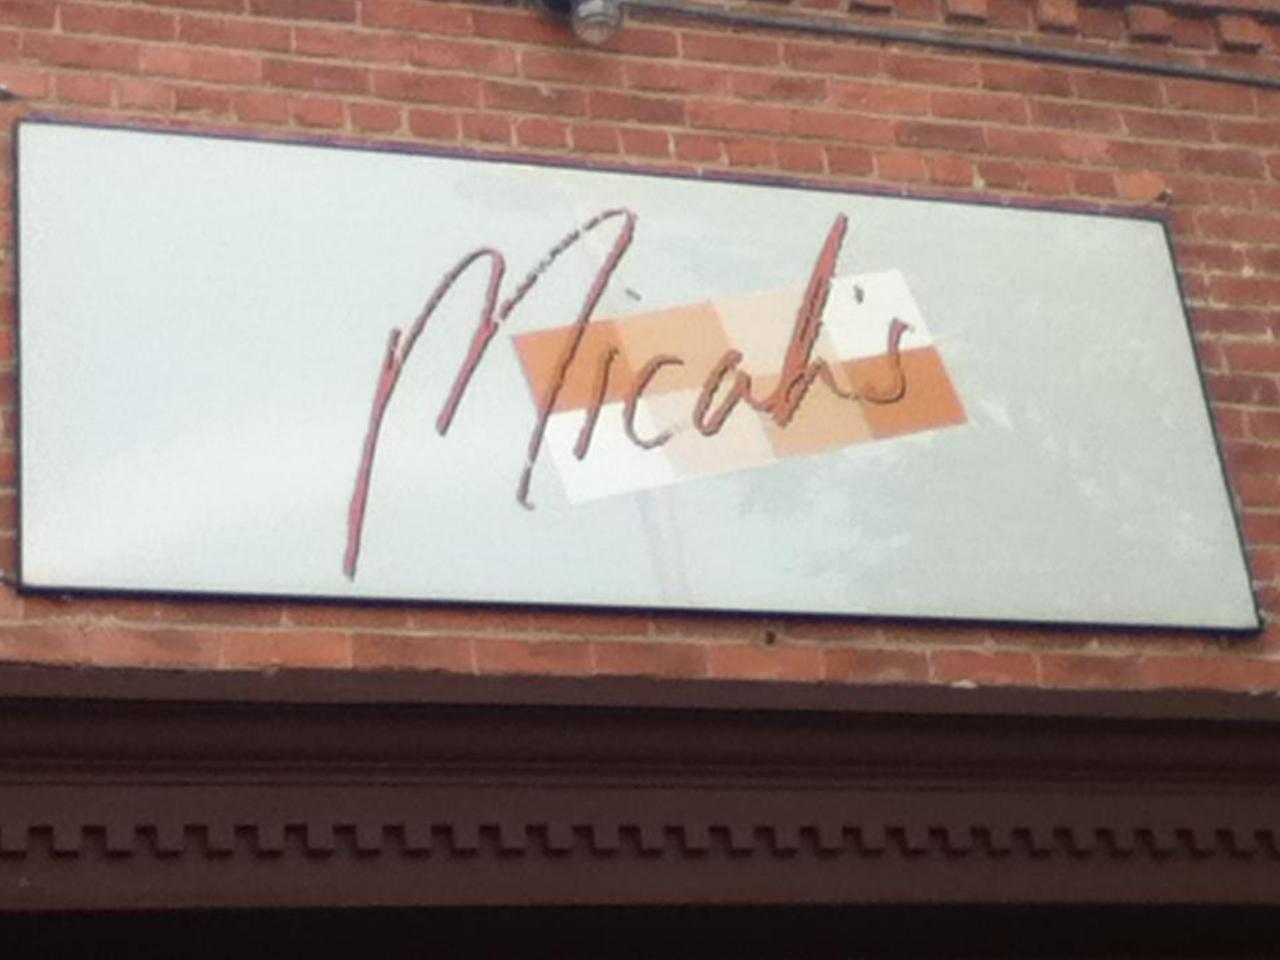 Micah's Salon & Boutique